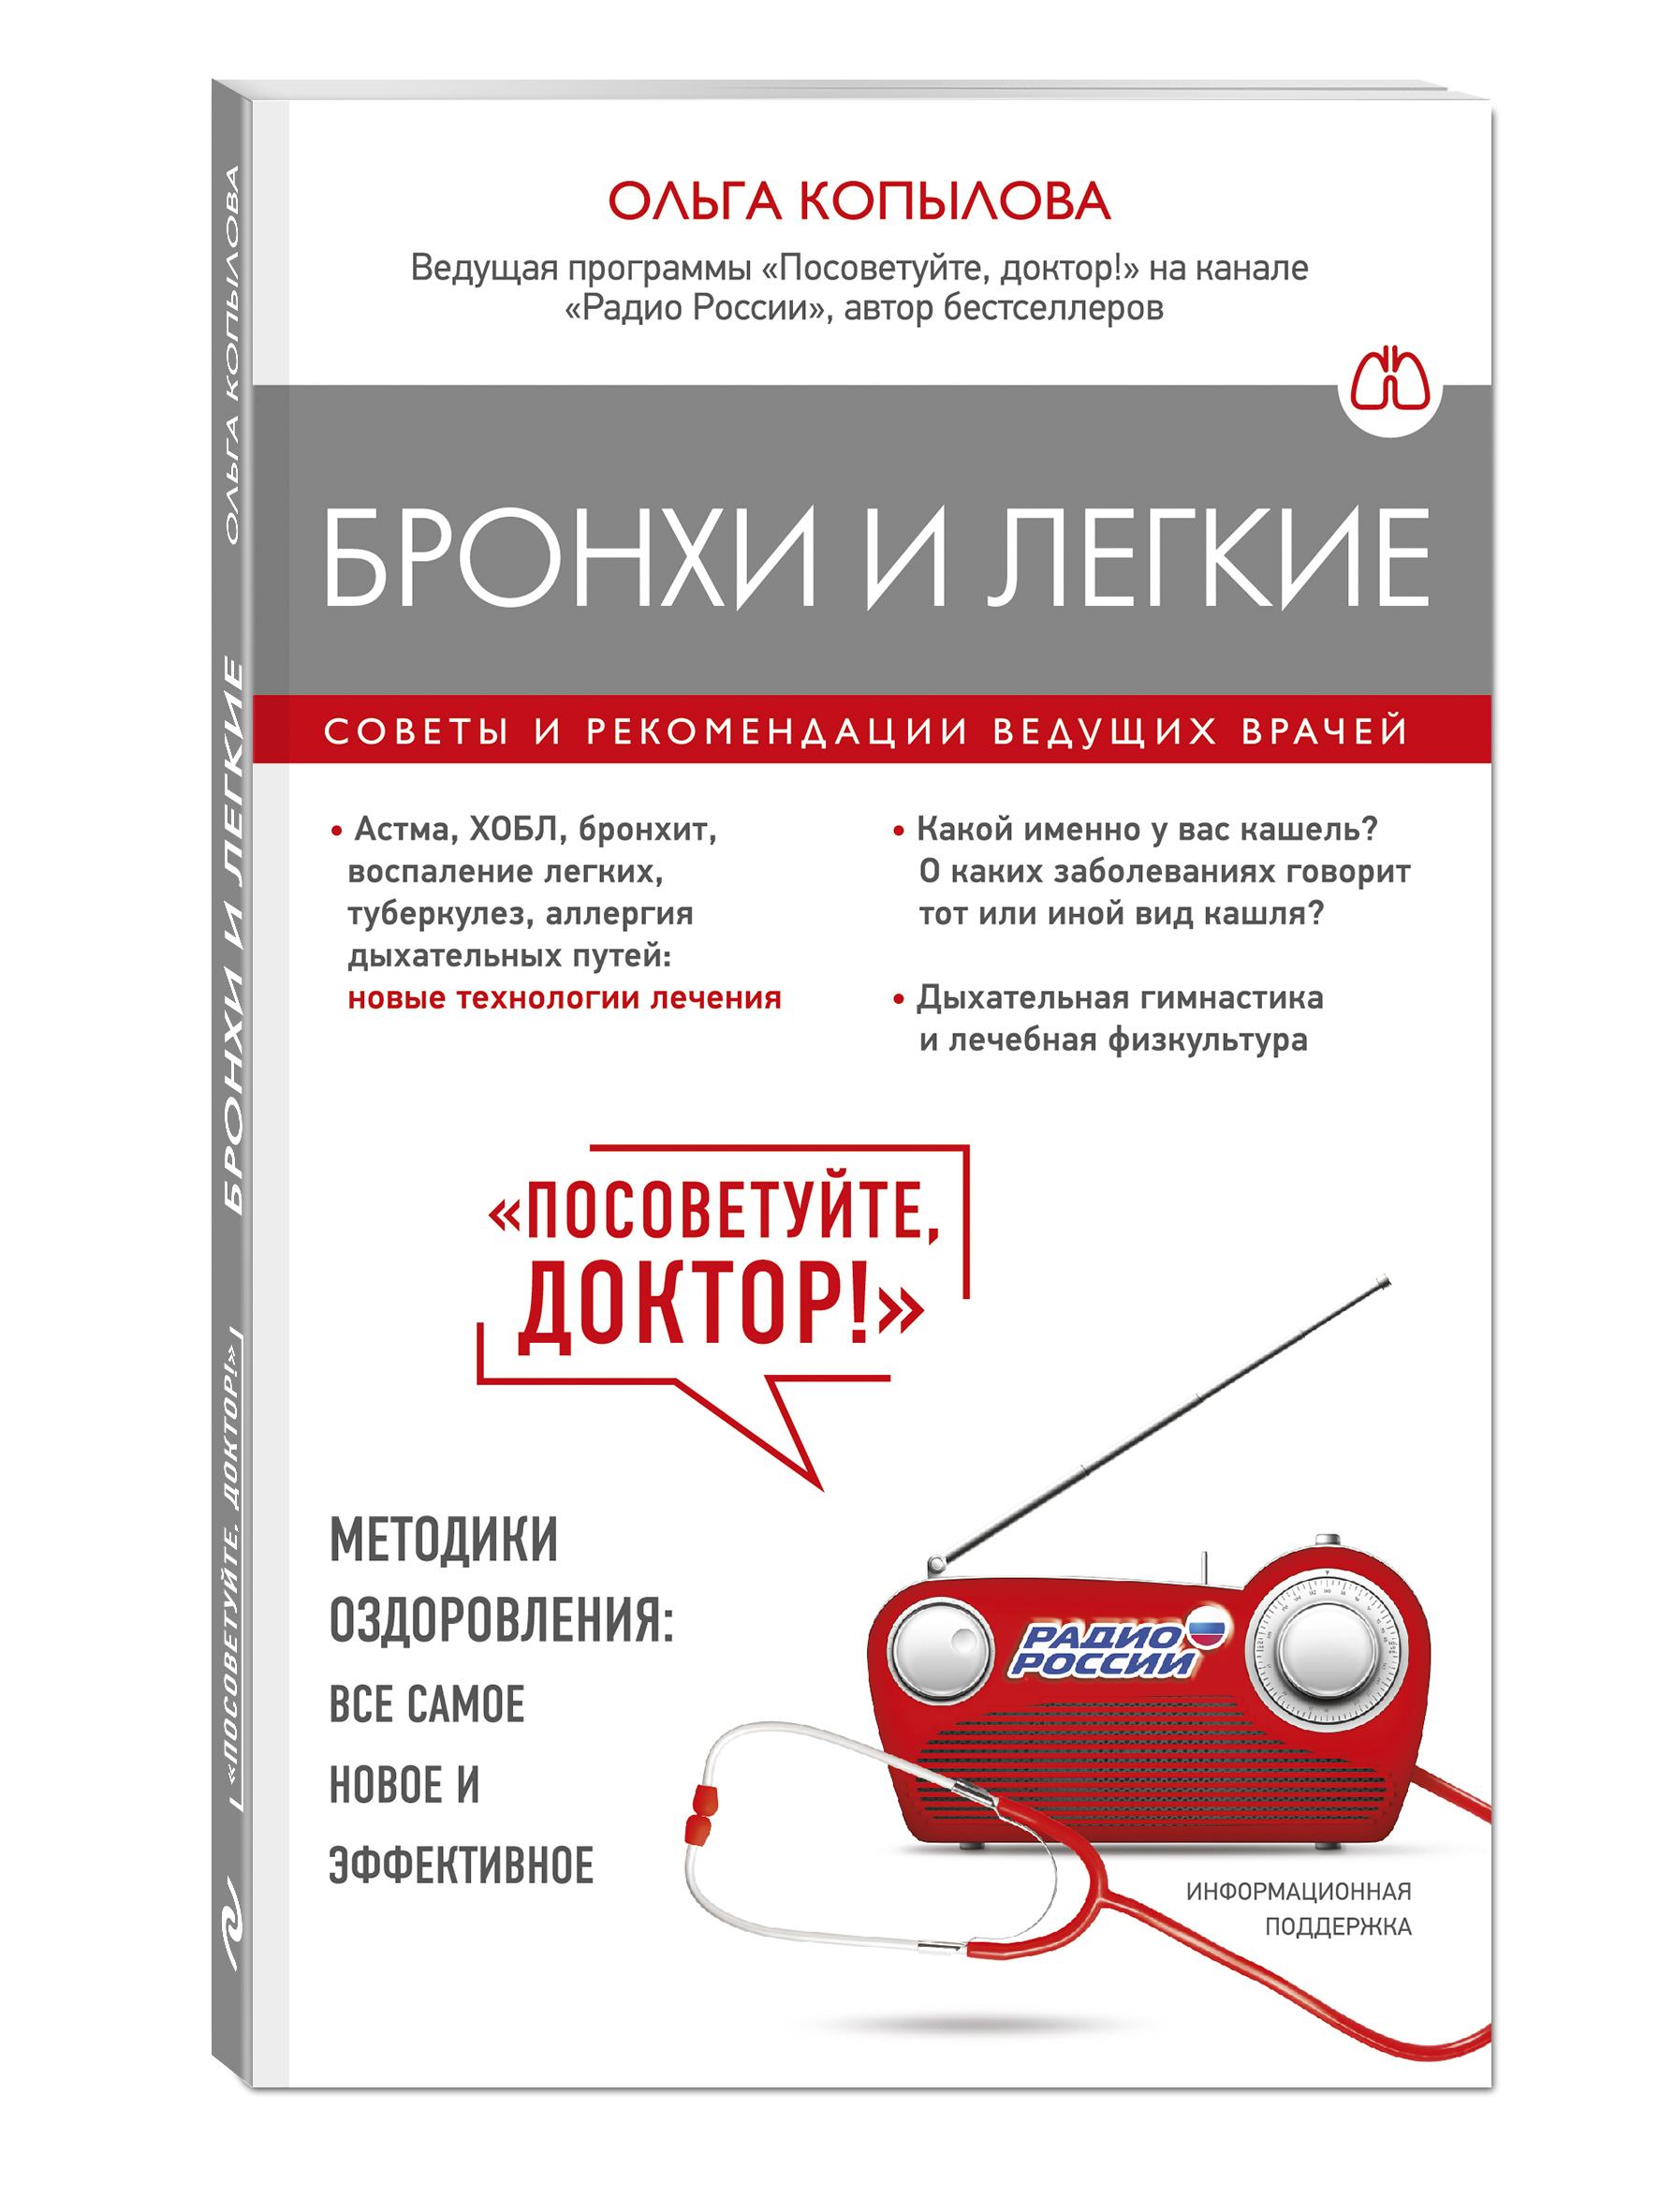 Копылова О.С. Бронхи и легкие. Советы и рекомендации ведущих врачей